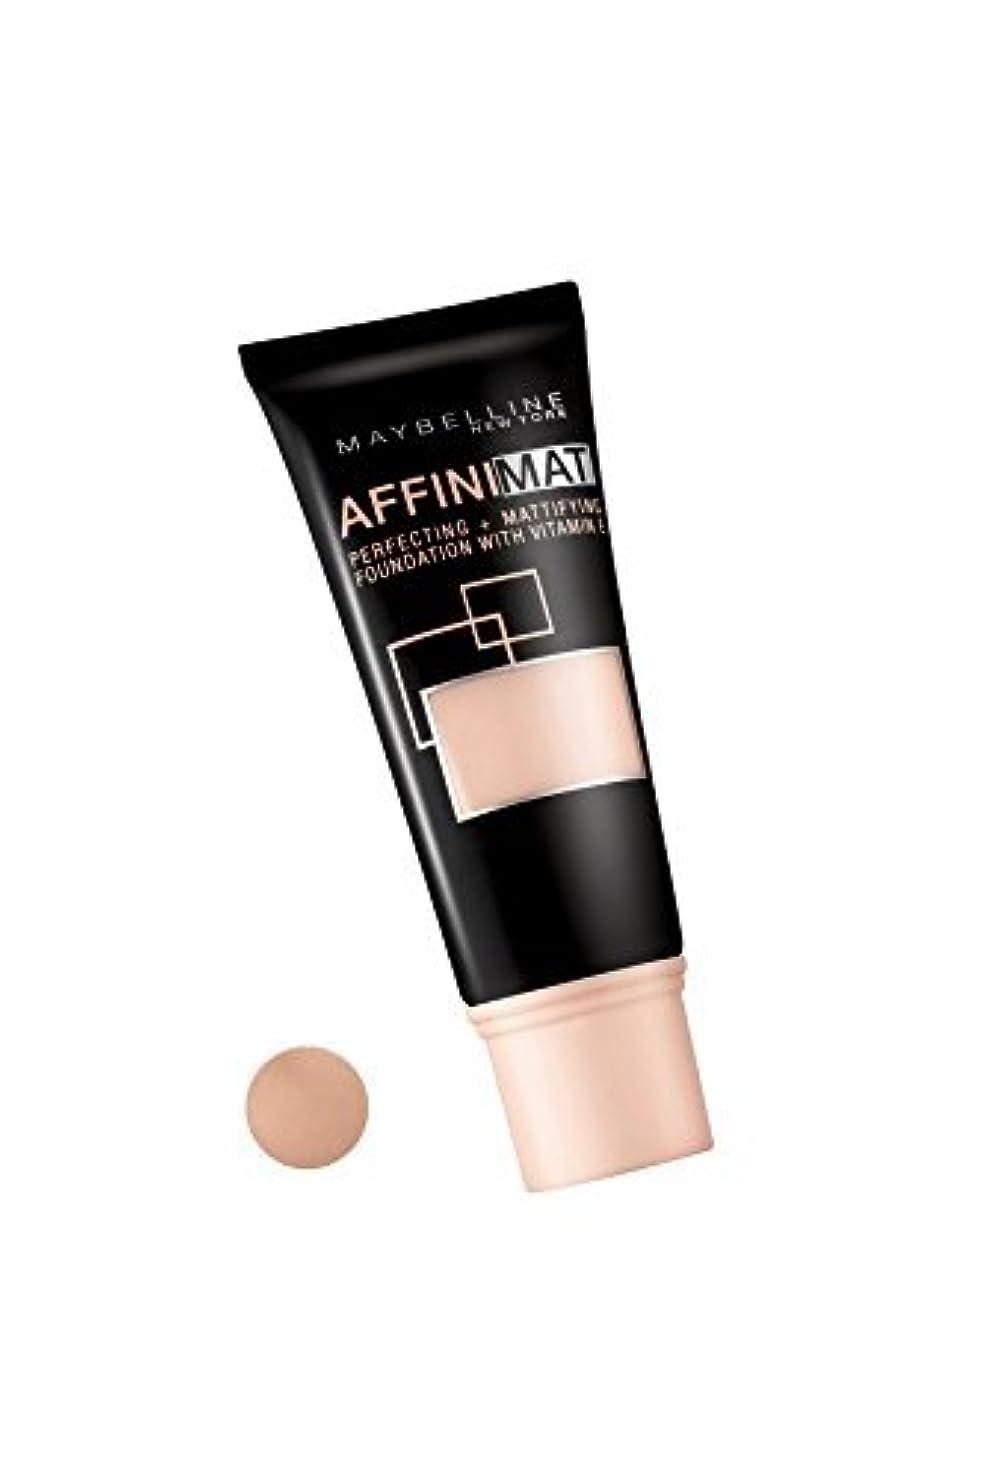 パック踊り子カルシウムMaybelline Affinimat Perfecting + Mattifying Foundation - 42 Dark Beige by Maybelline